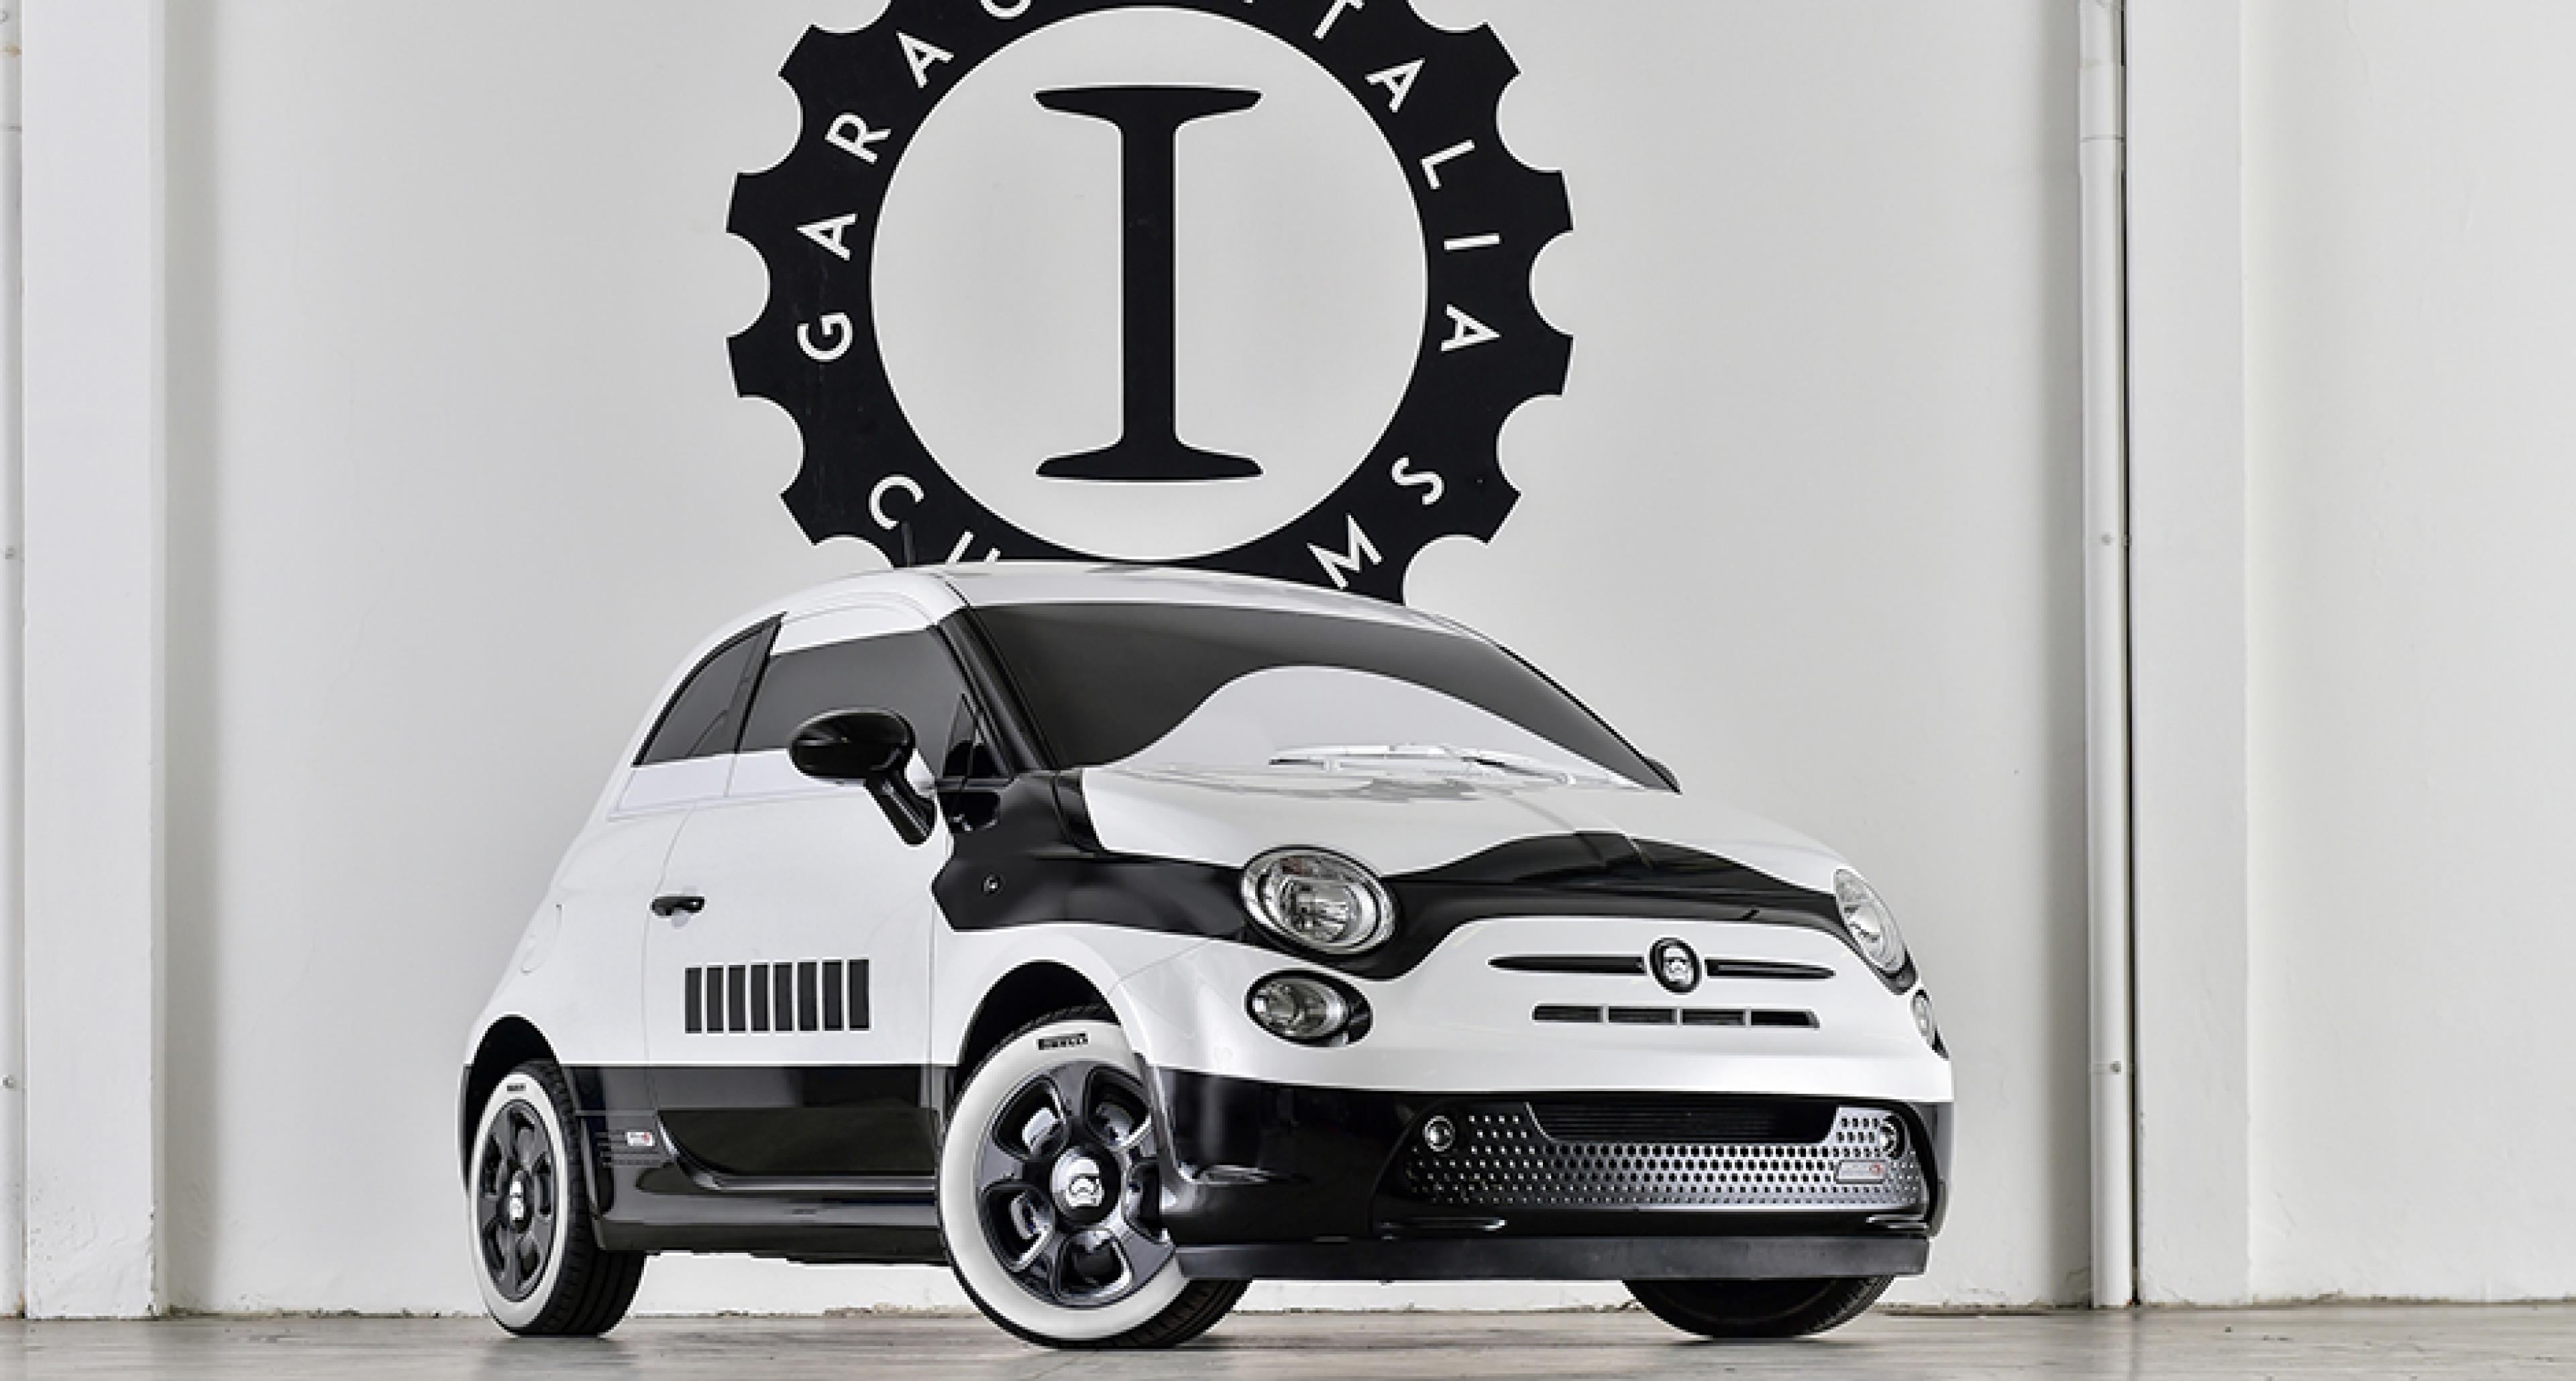 Darth Vader's Fiat 500 causes a storm in LA | Clic Driver Magazine